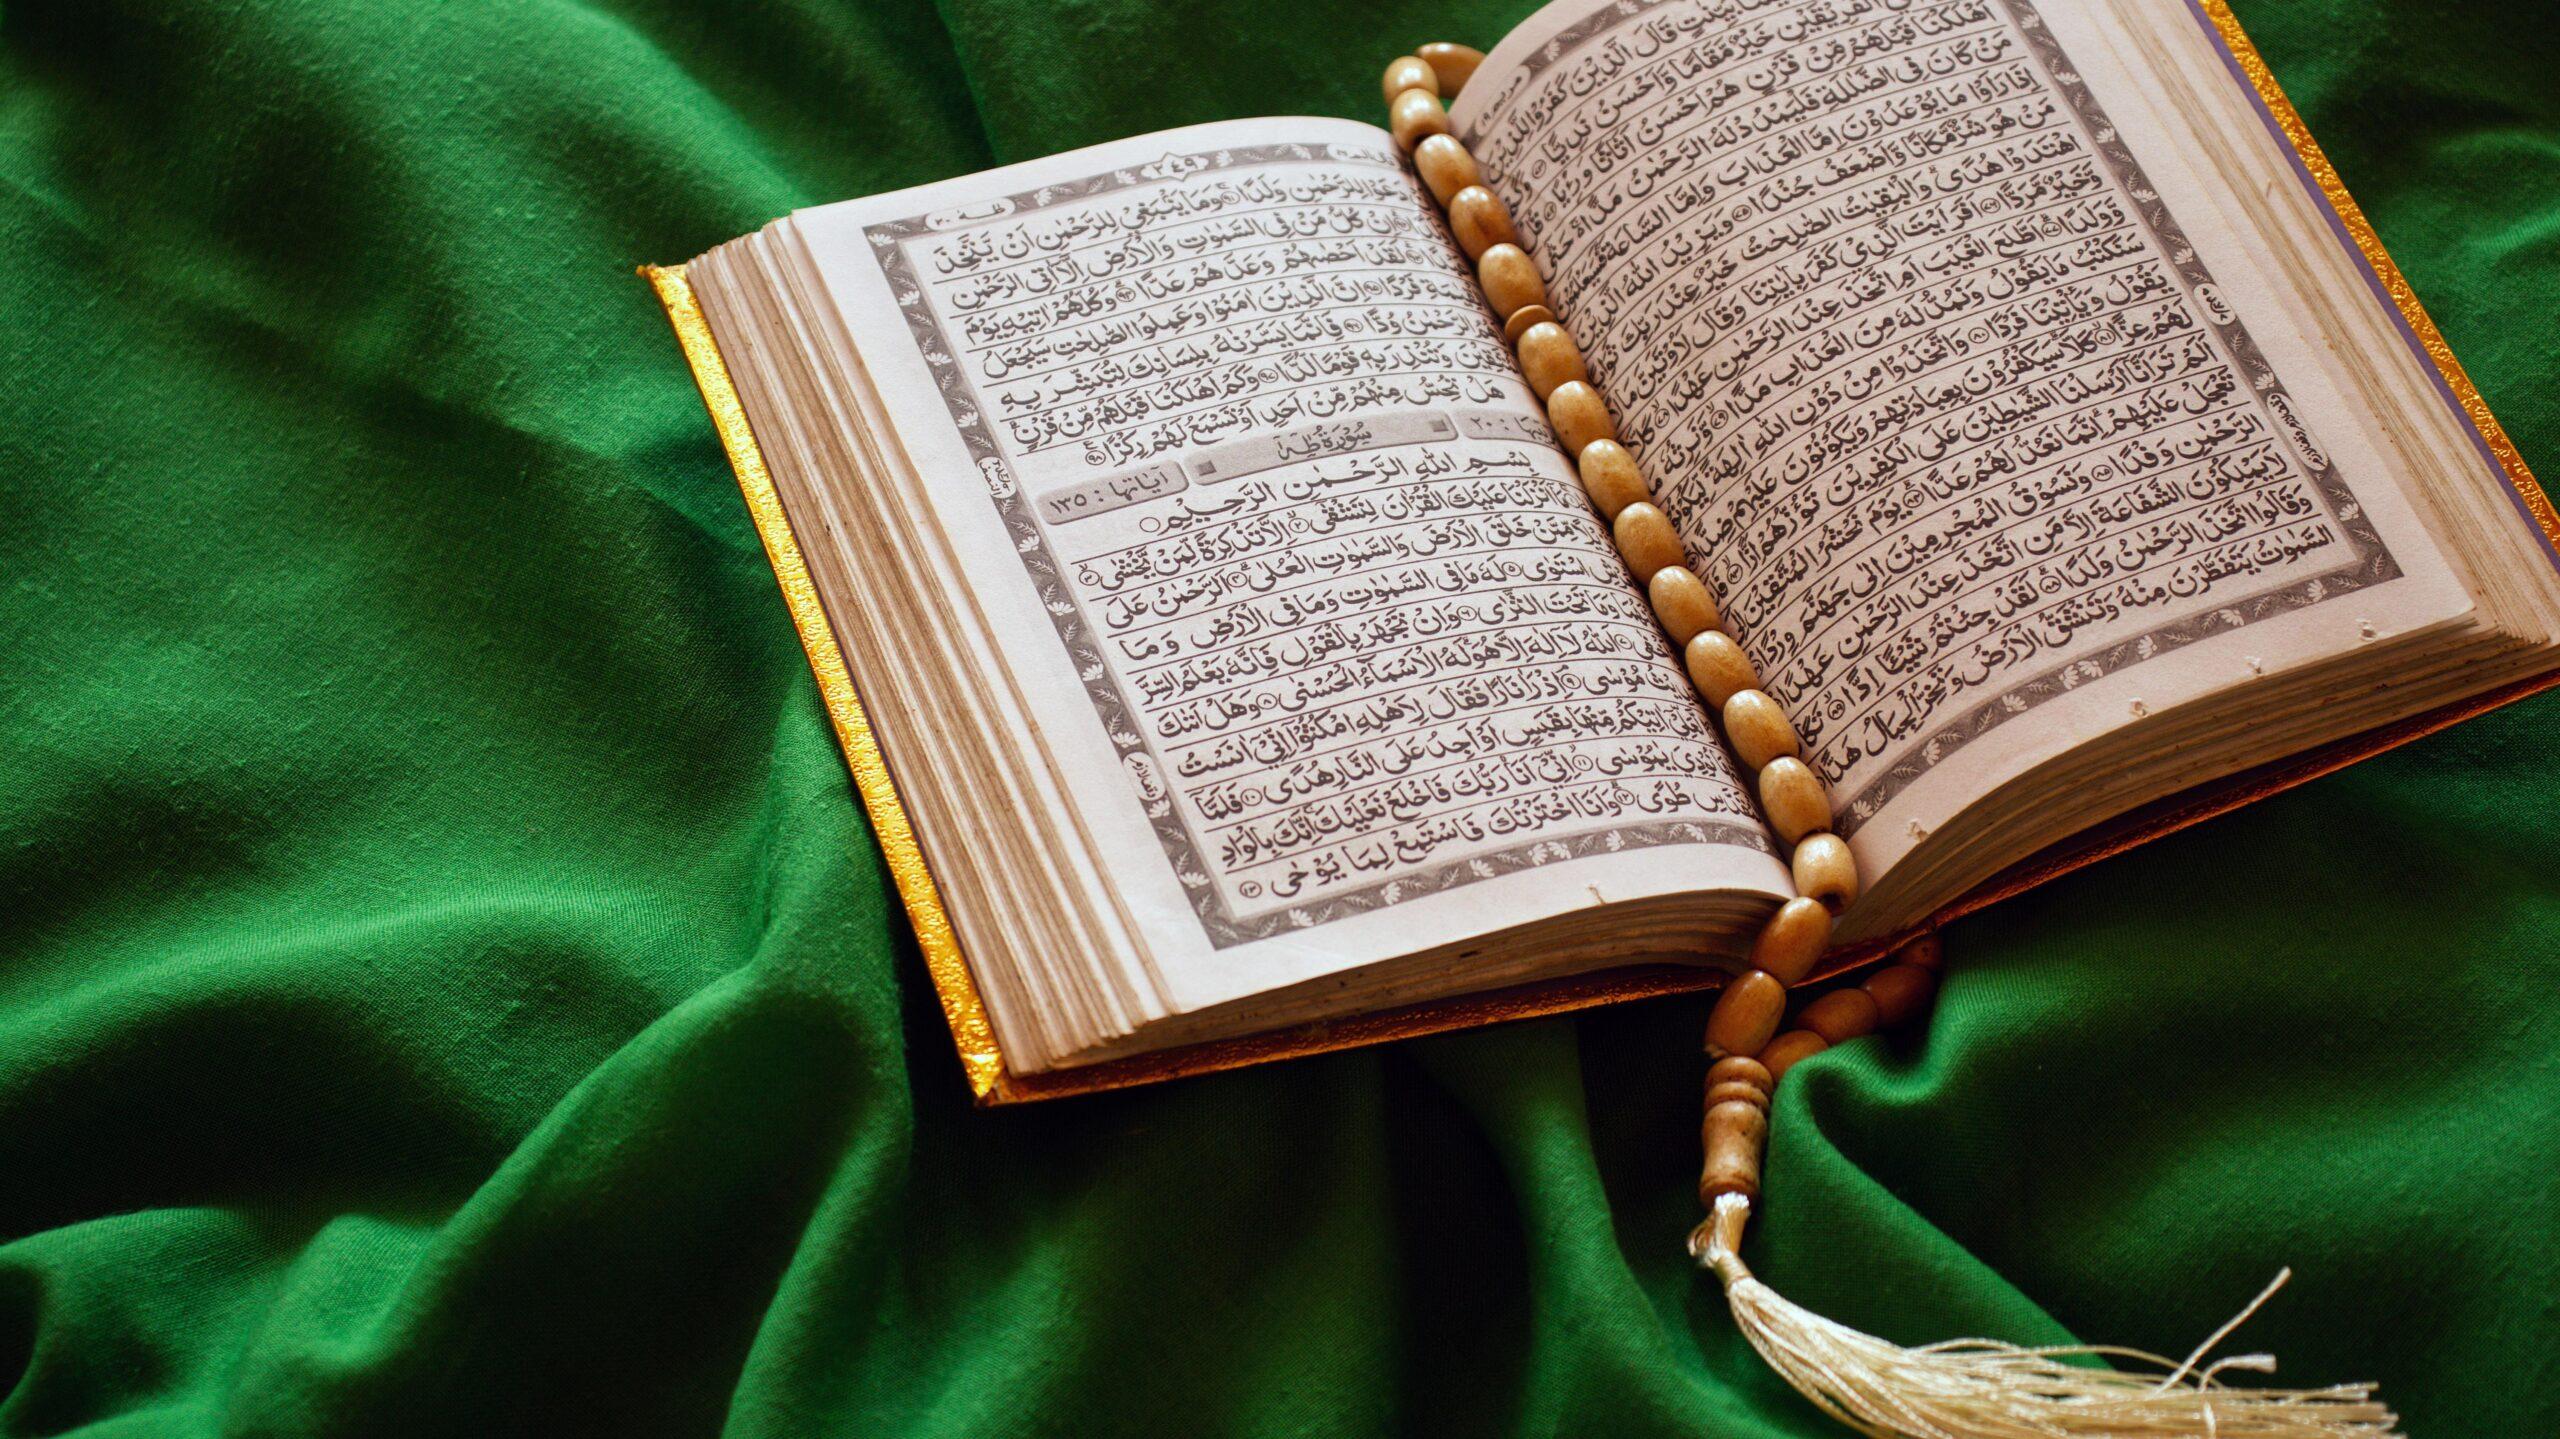 Staying safe during Ramadan